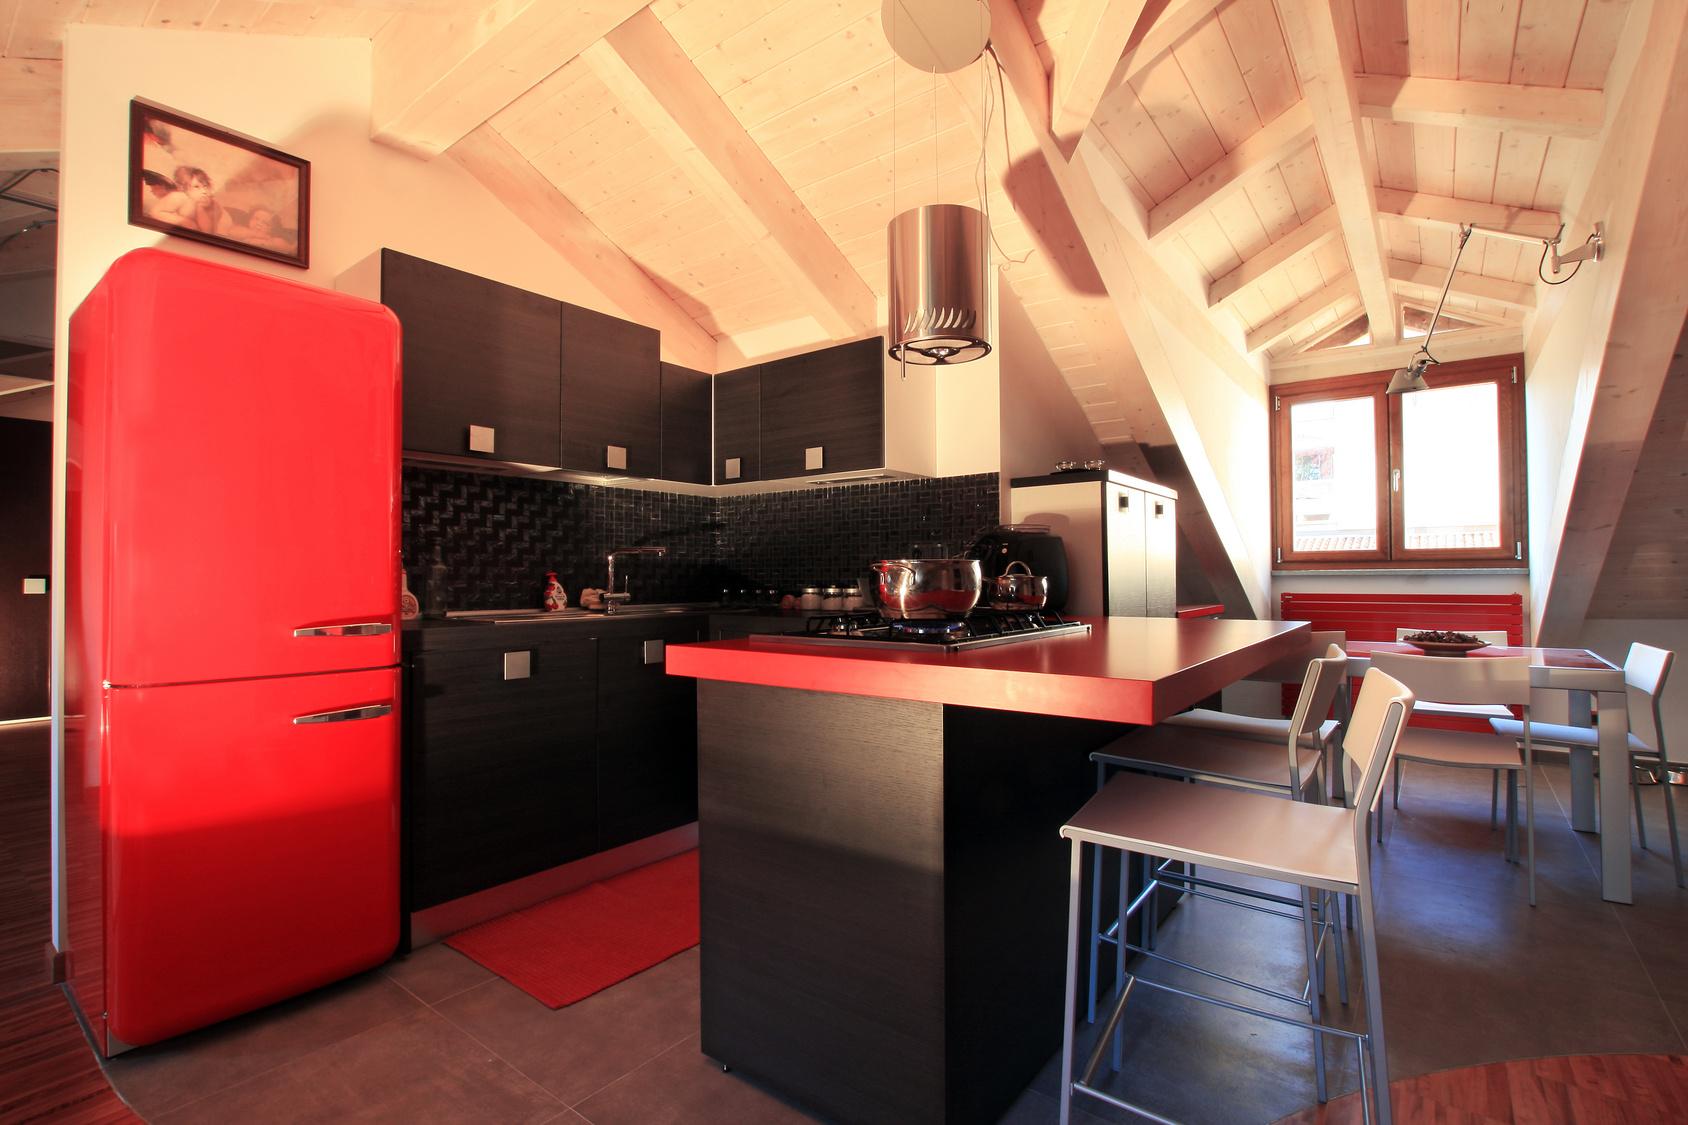 schone fliesenspiegel die neueste innovation der innenarchitektur und m bel. Black Bedroom Furniture Sets. Home Design Ideas